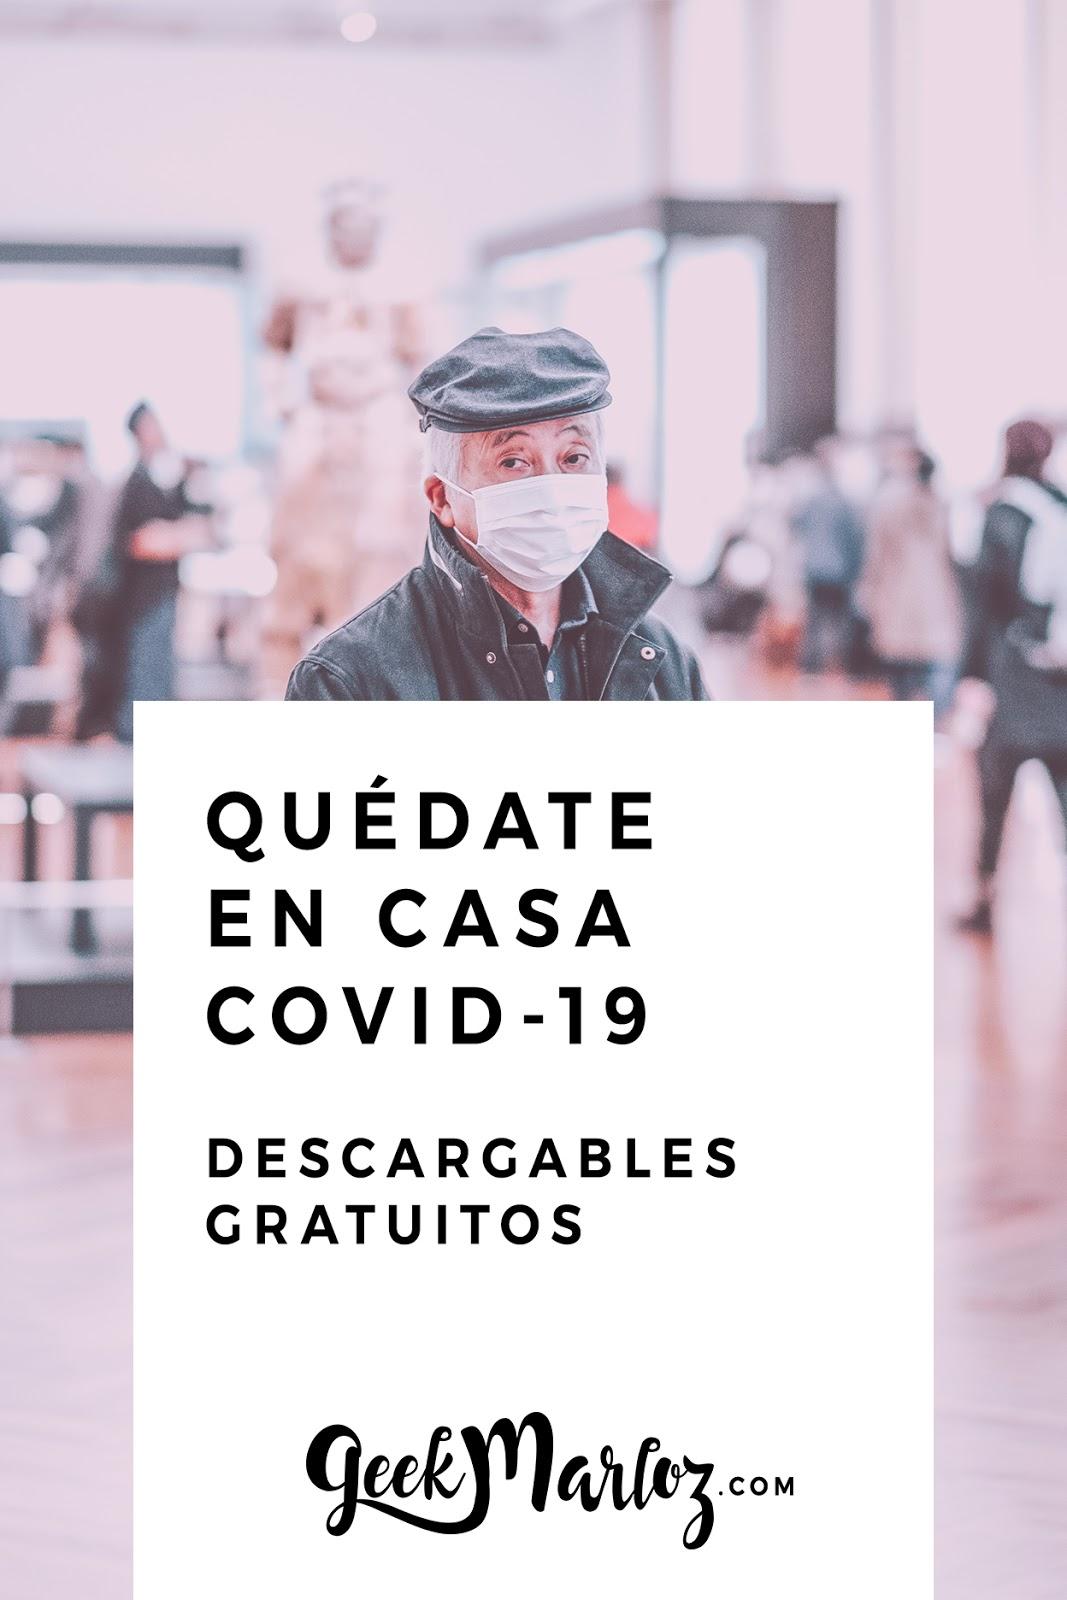 Marcas se únen para mejorar la Cuarentena ante el COVID-19 [descargas gratis ] #Quedatencasa